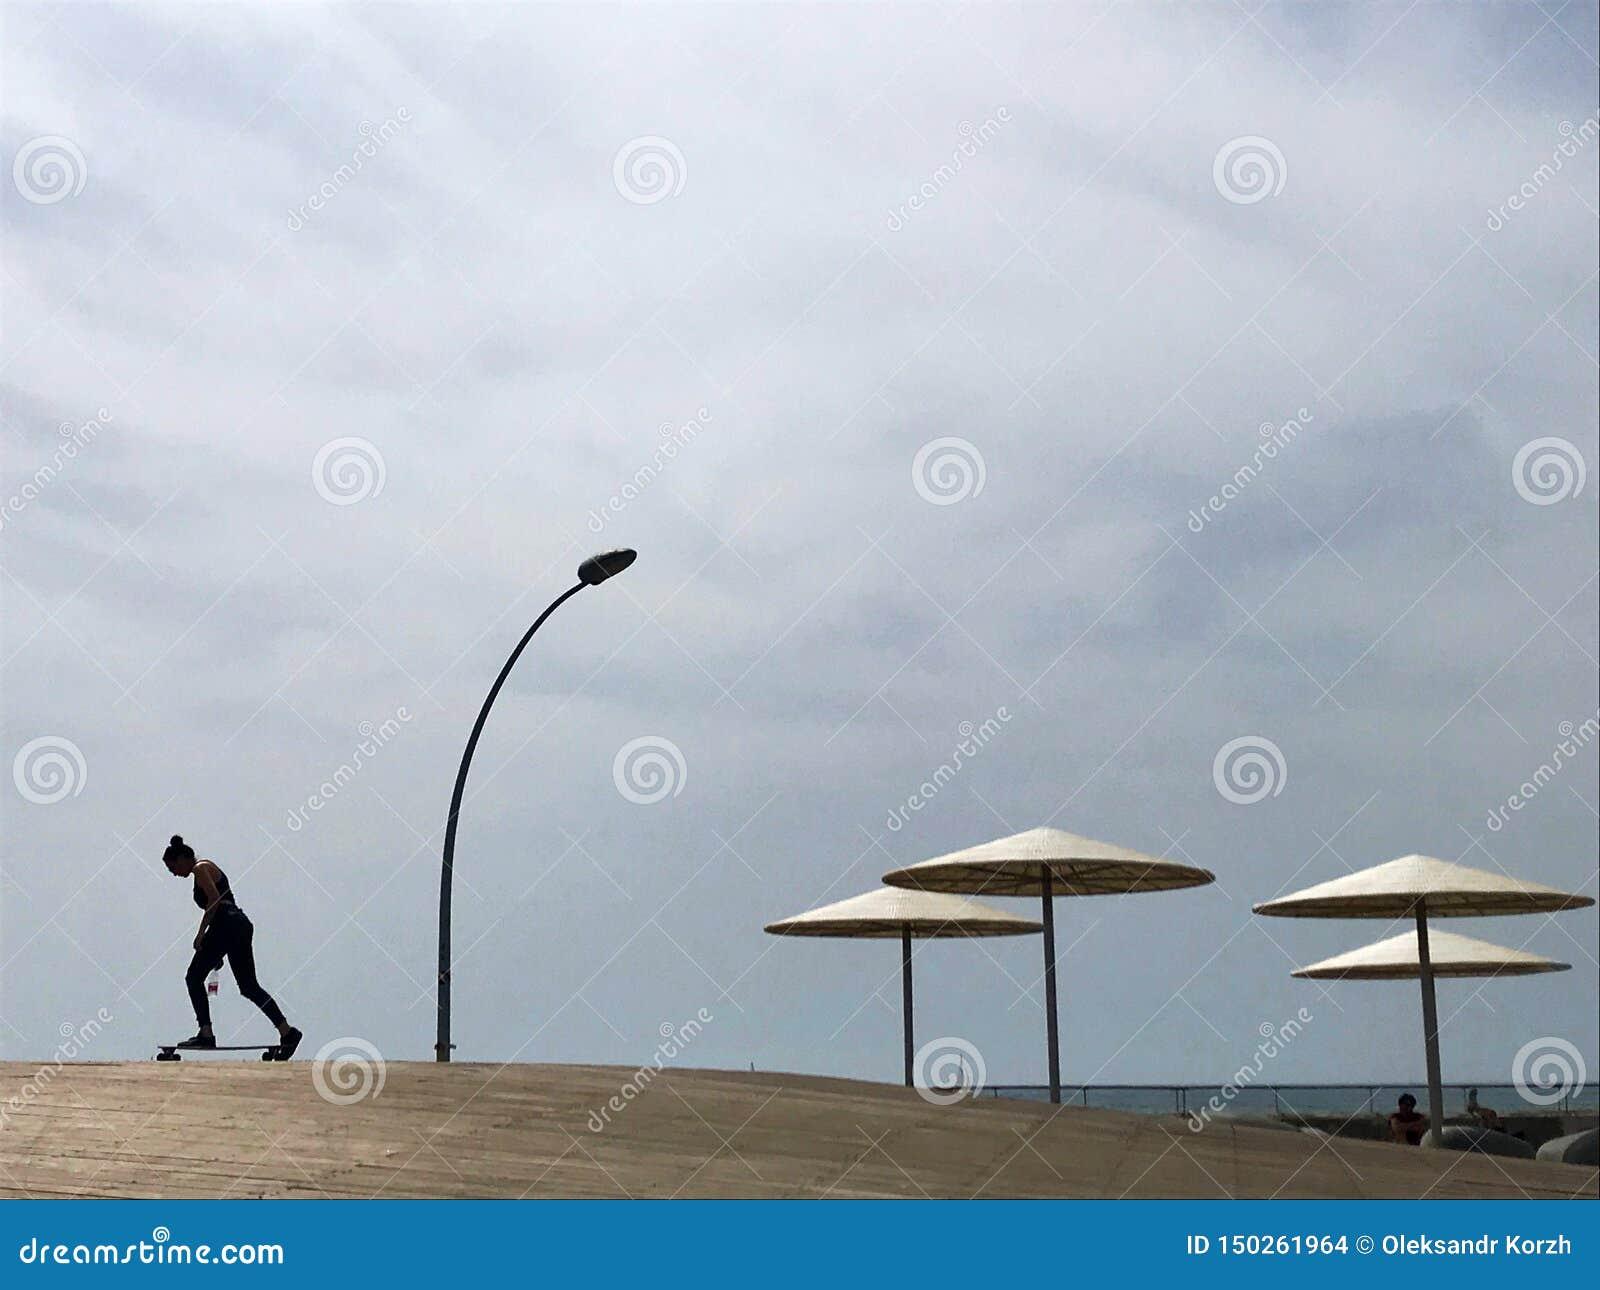 Стильный lounger в желтом песке, который нужно греть на солнце sunbed на пляже